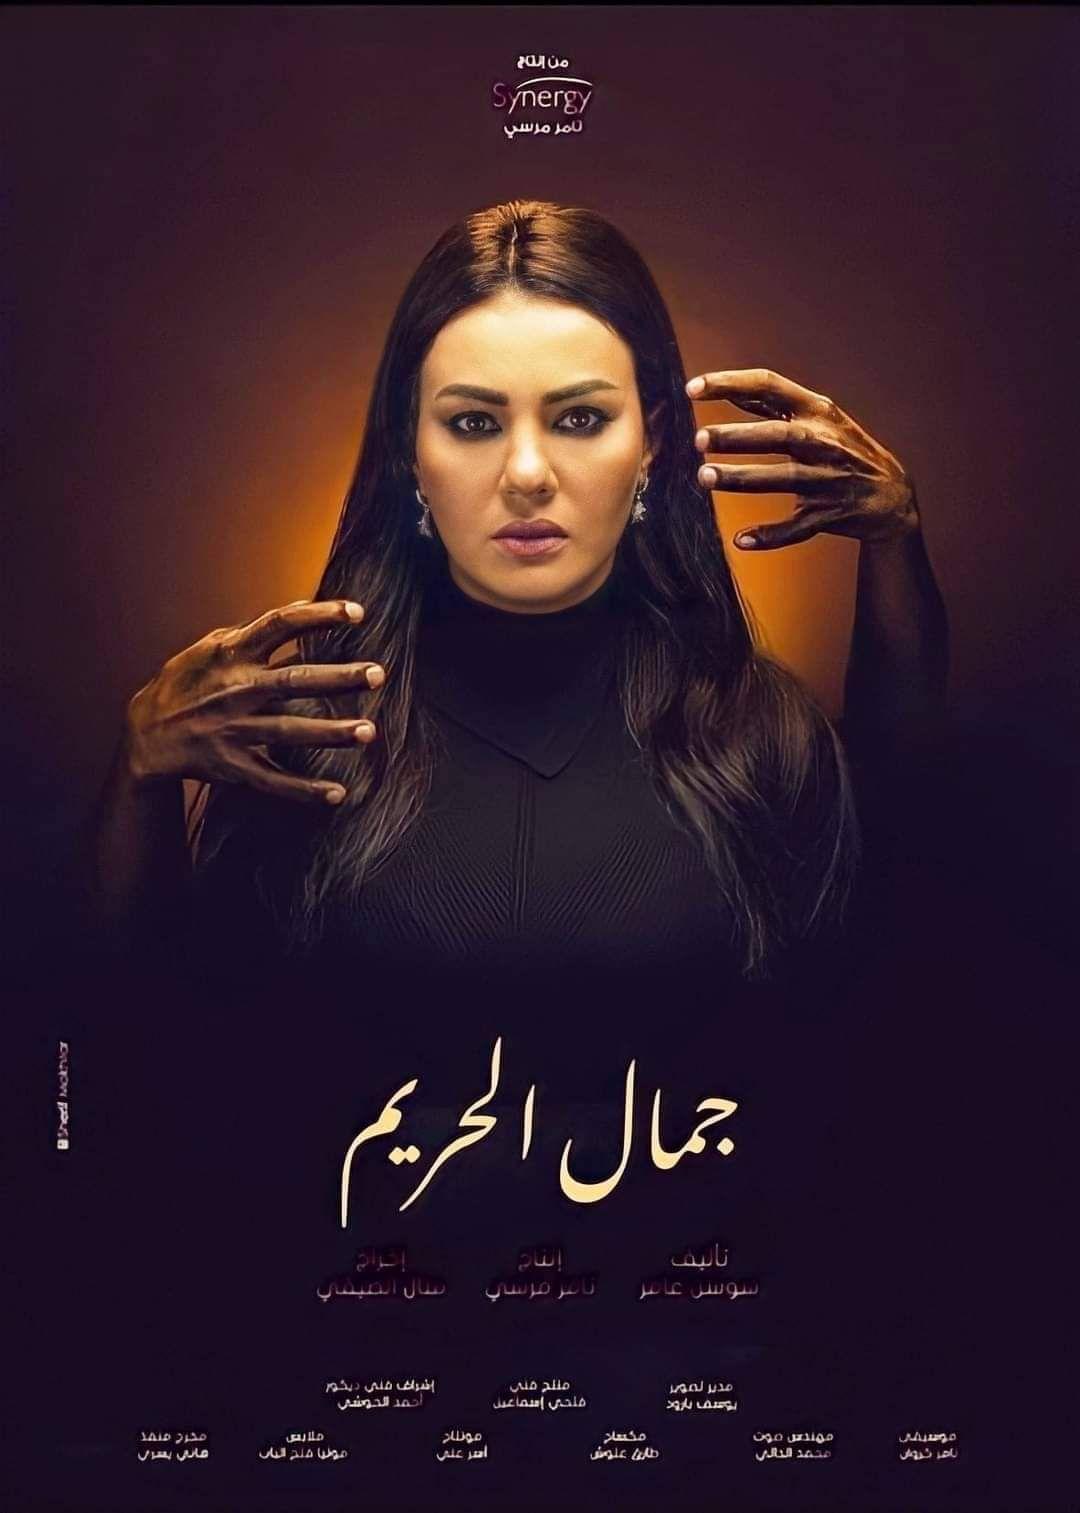 مسلسل جمال الحريم الحلقة 42 الثانية والاربعون In 2021